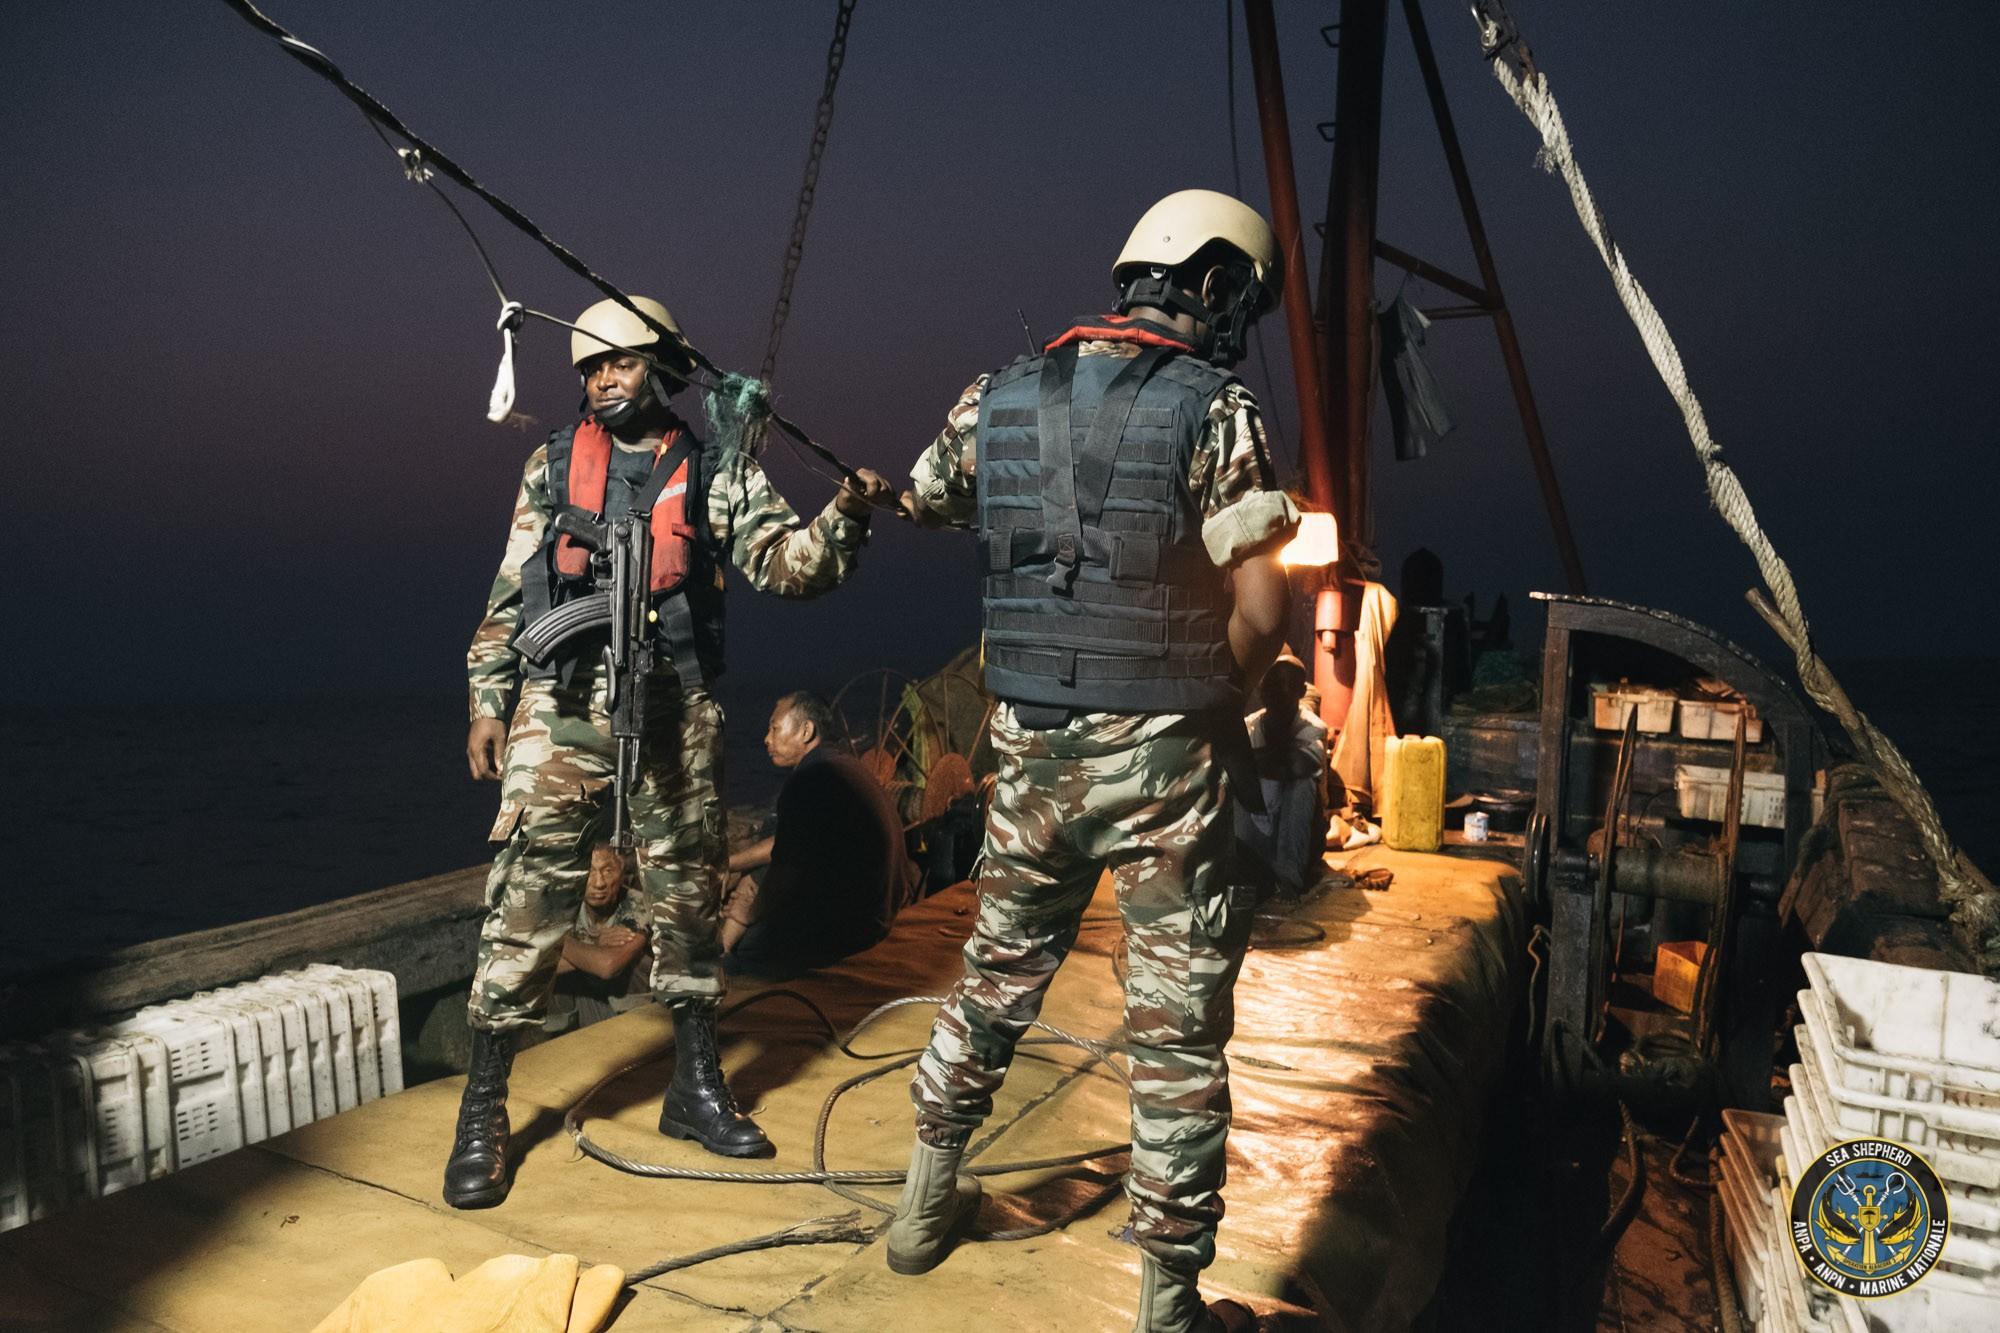 Deux chalutiers équato-guinéens appréhendés en situation de pêche illégale dans les eaux gabonaises